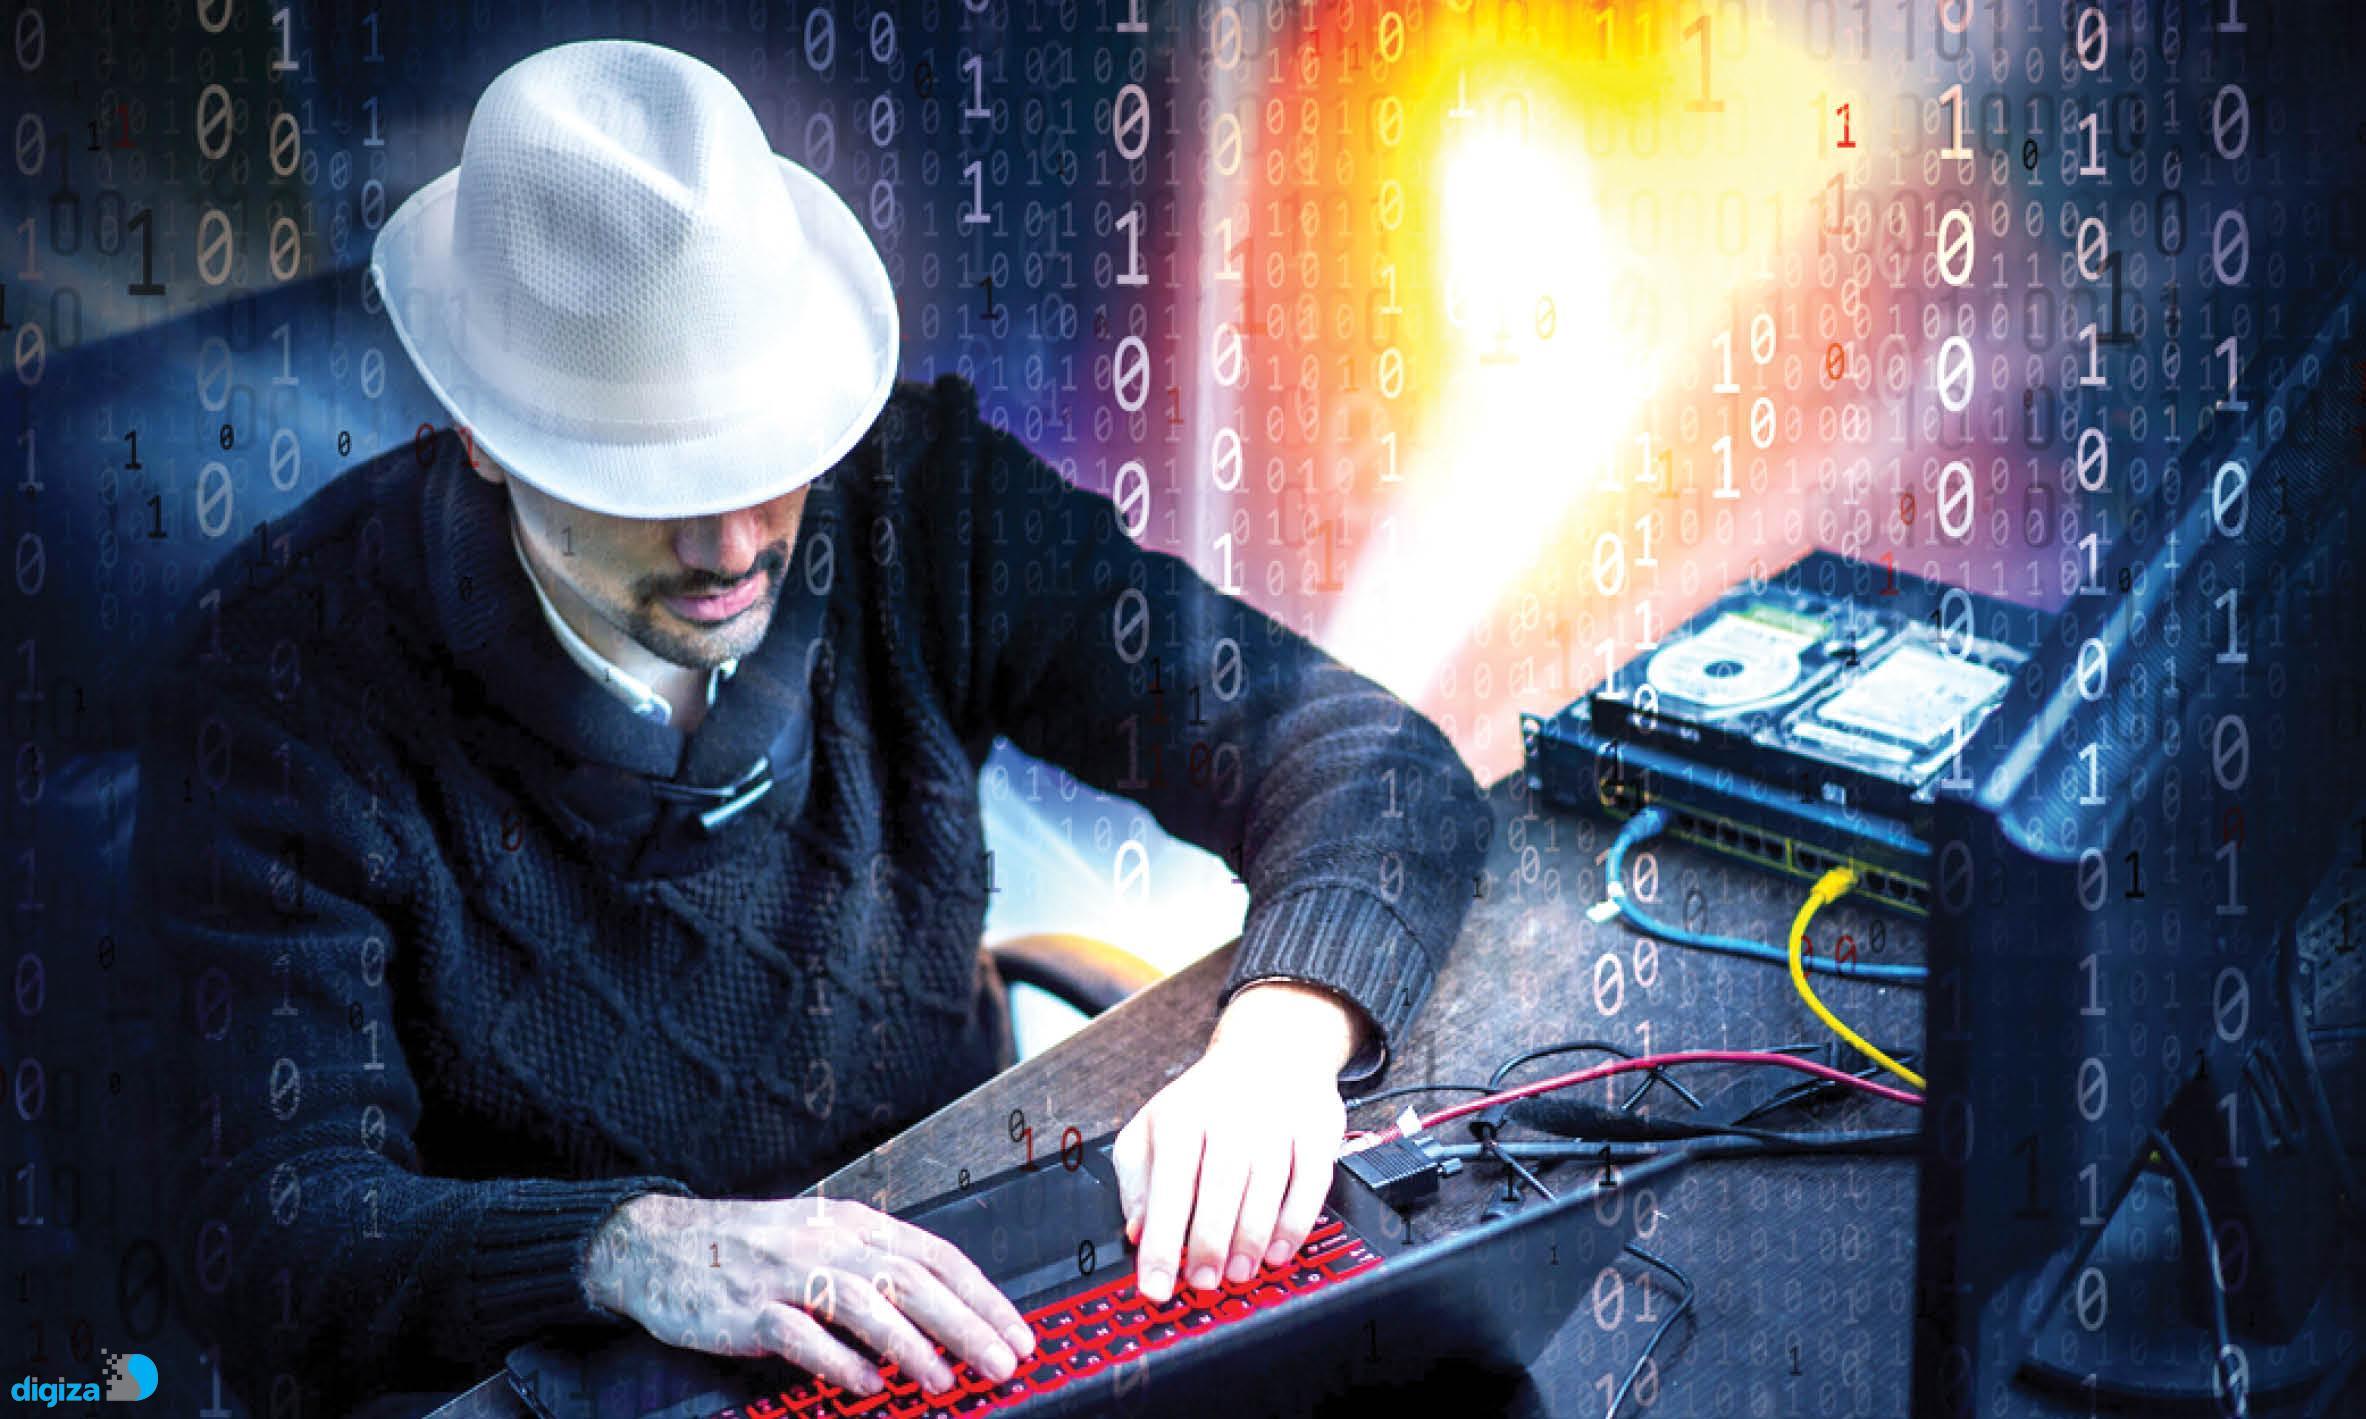 یک هکر جلوی سرقت 350 میلیون دلاری را گرفت